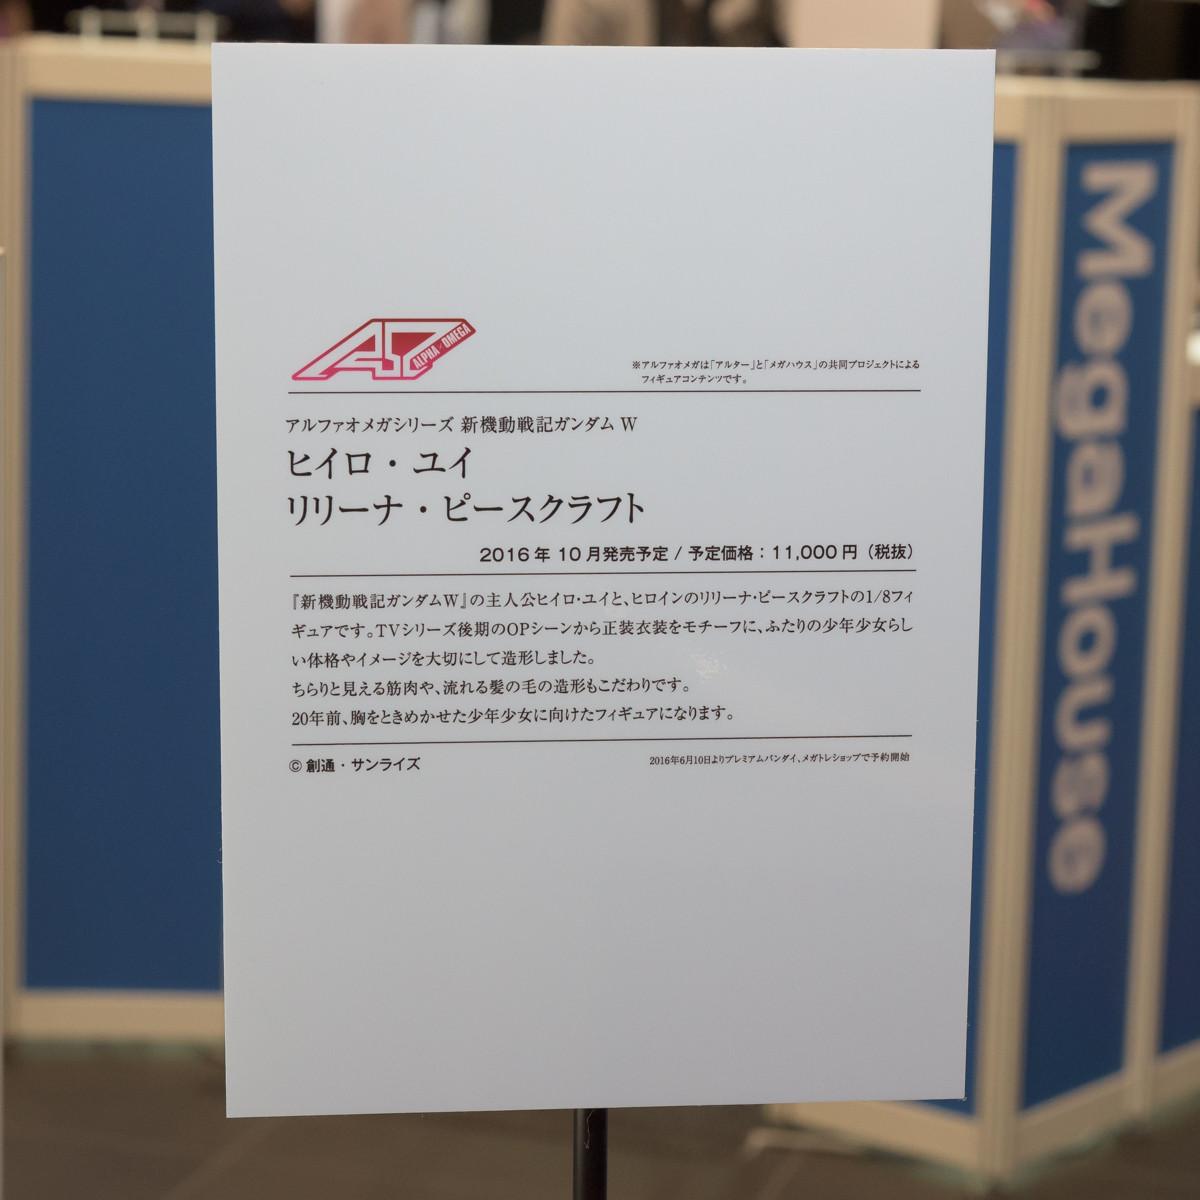 MGH2016SP-ALT-035